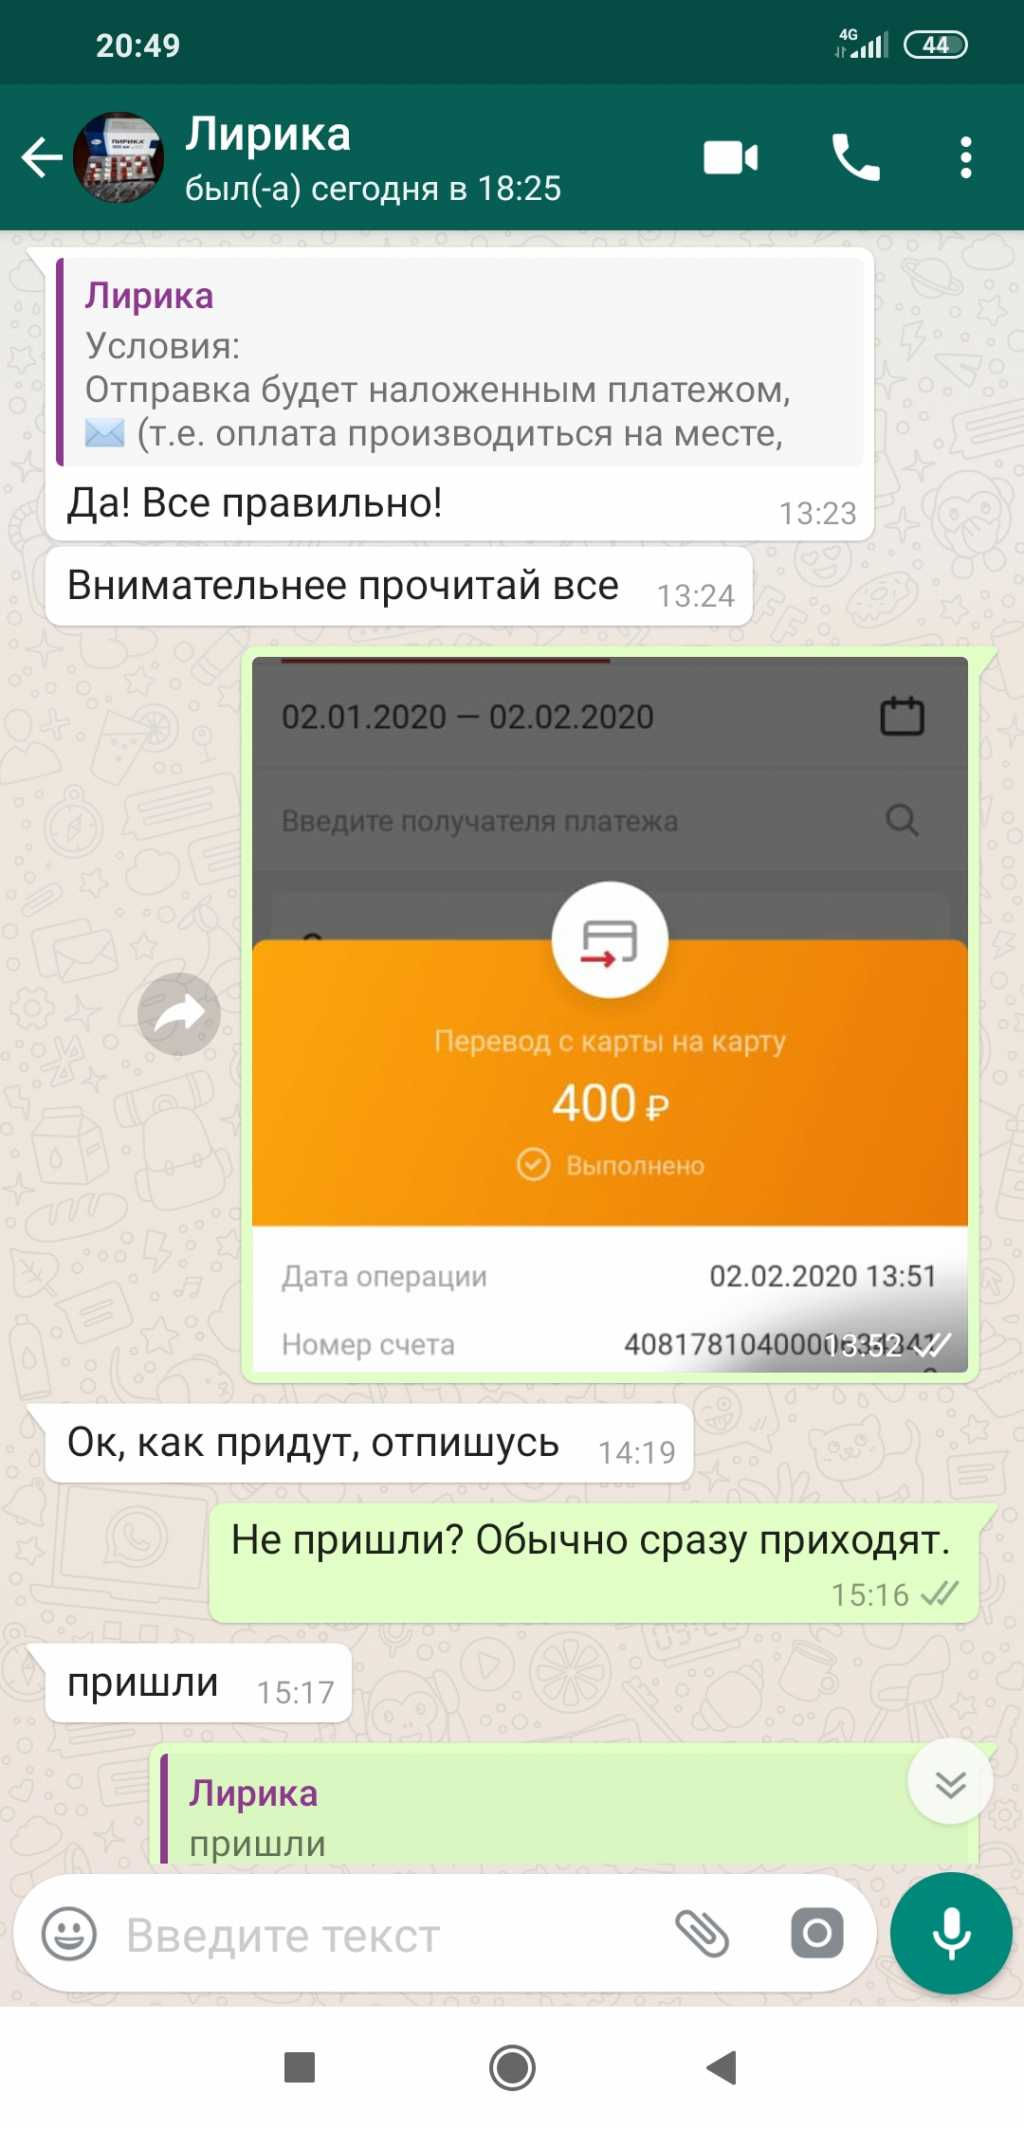 Irt24, szolgáltatás az internetes otthoni vélemények kiválasztásához - hivatalos képviselő válaszai - Oroszország első független honlapja